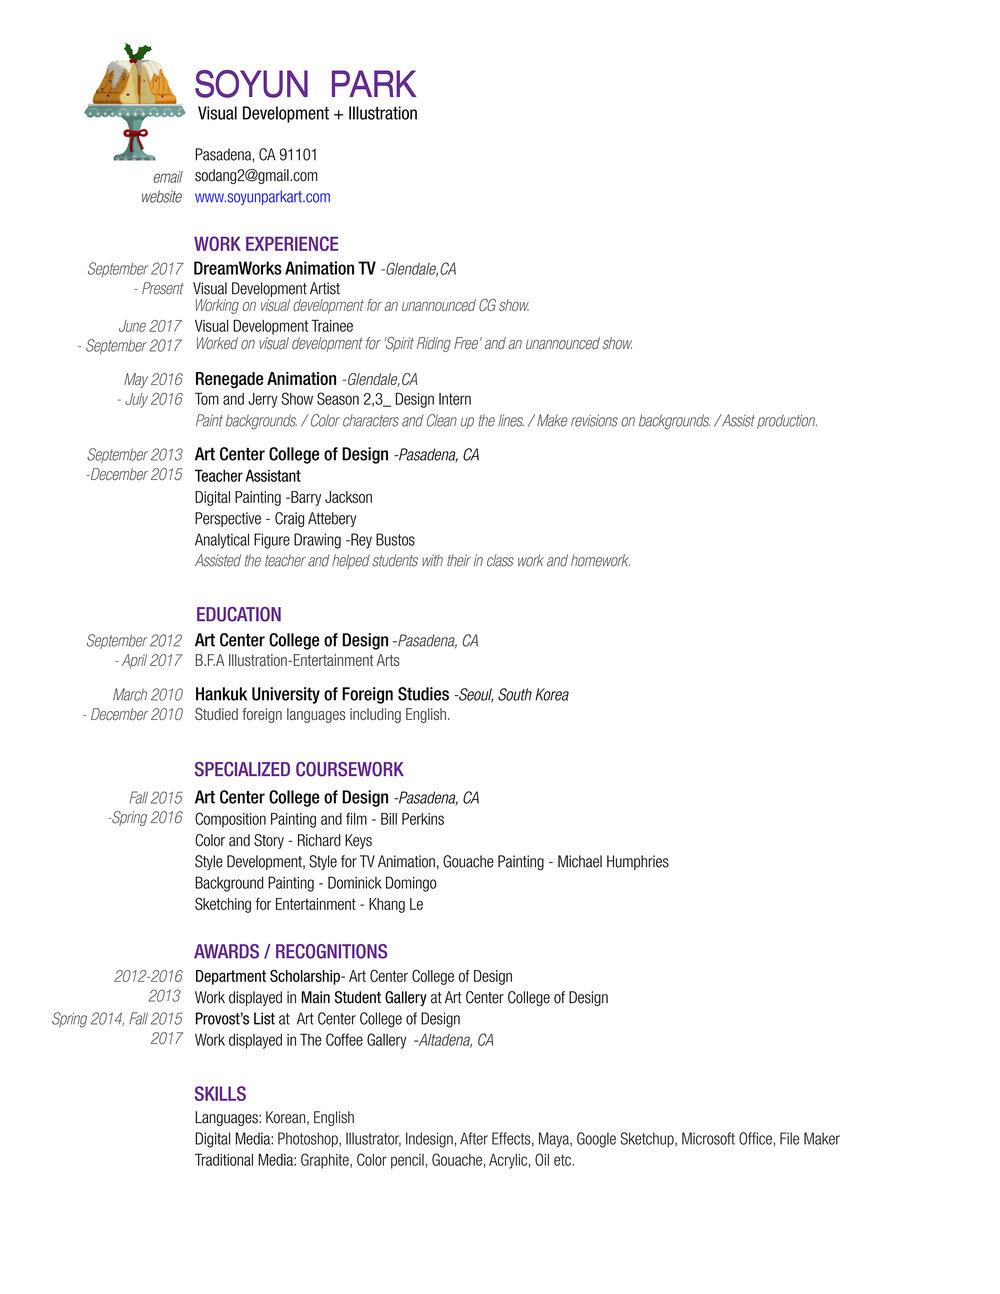 Resume_Soyun.jpg